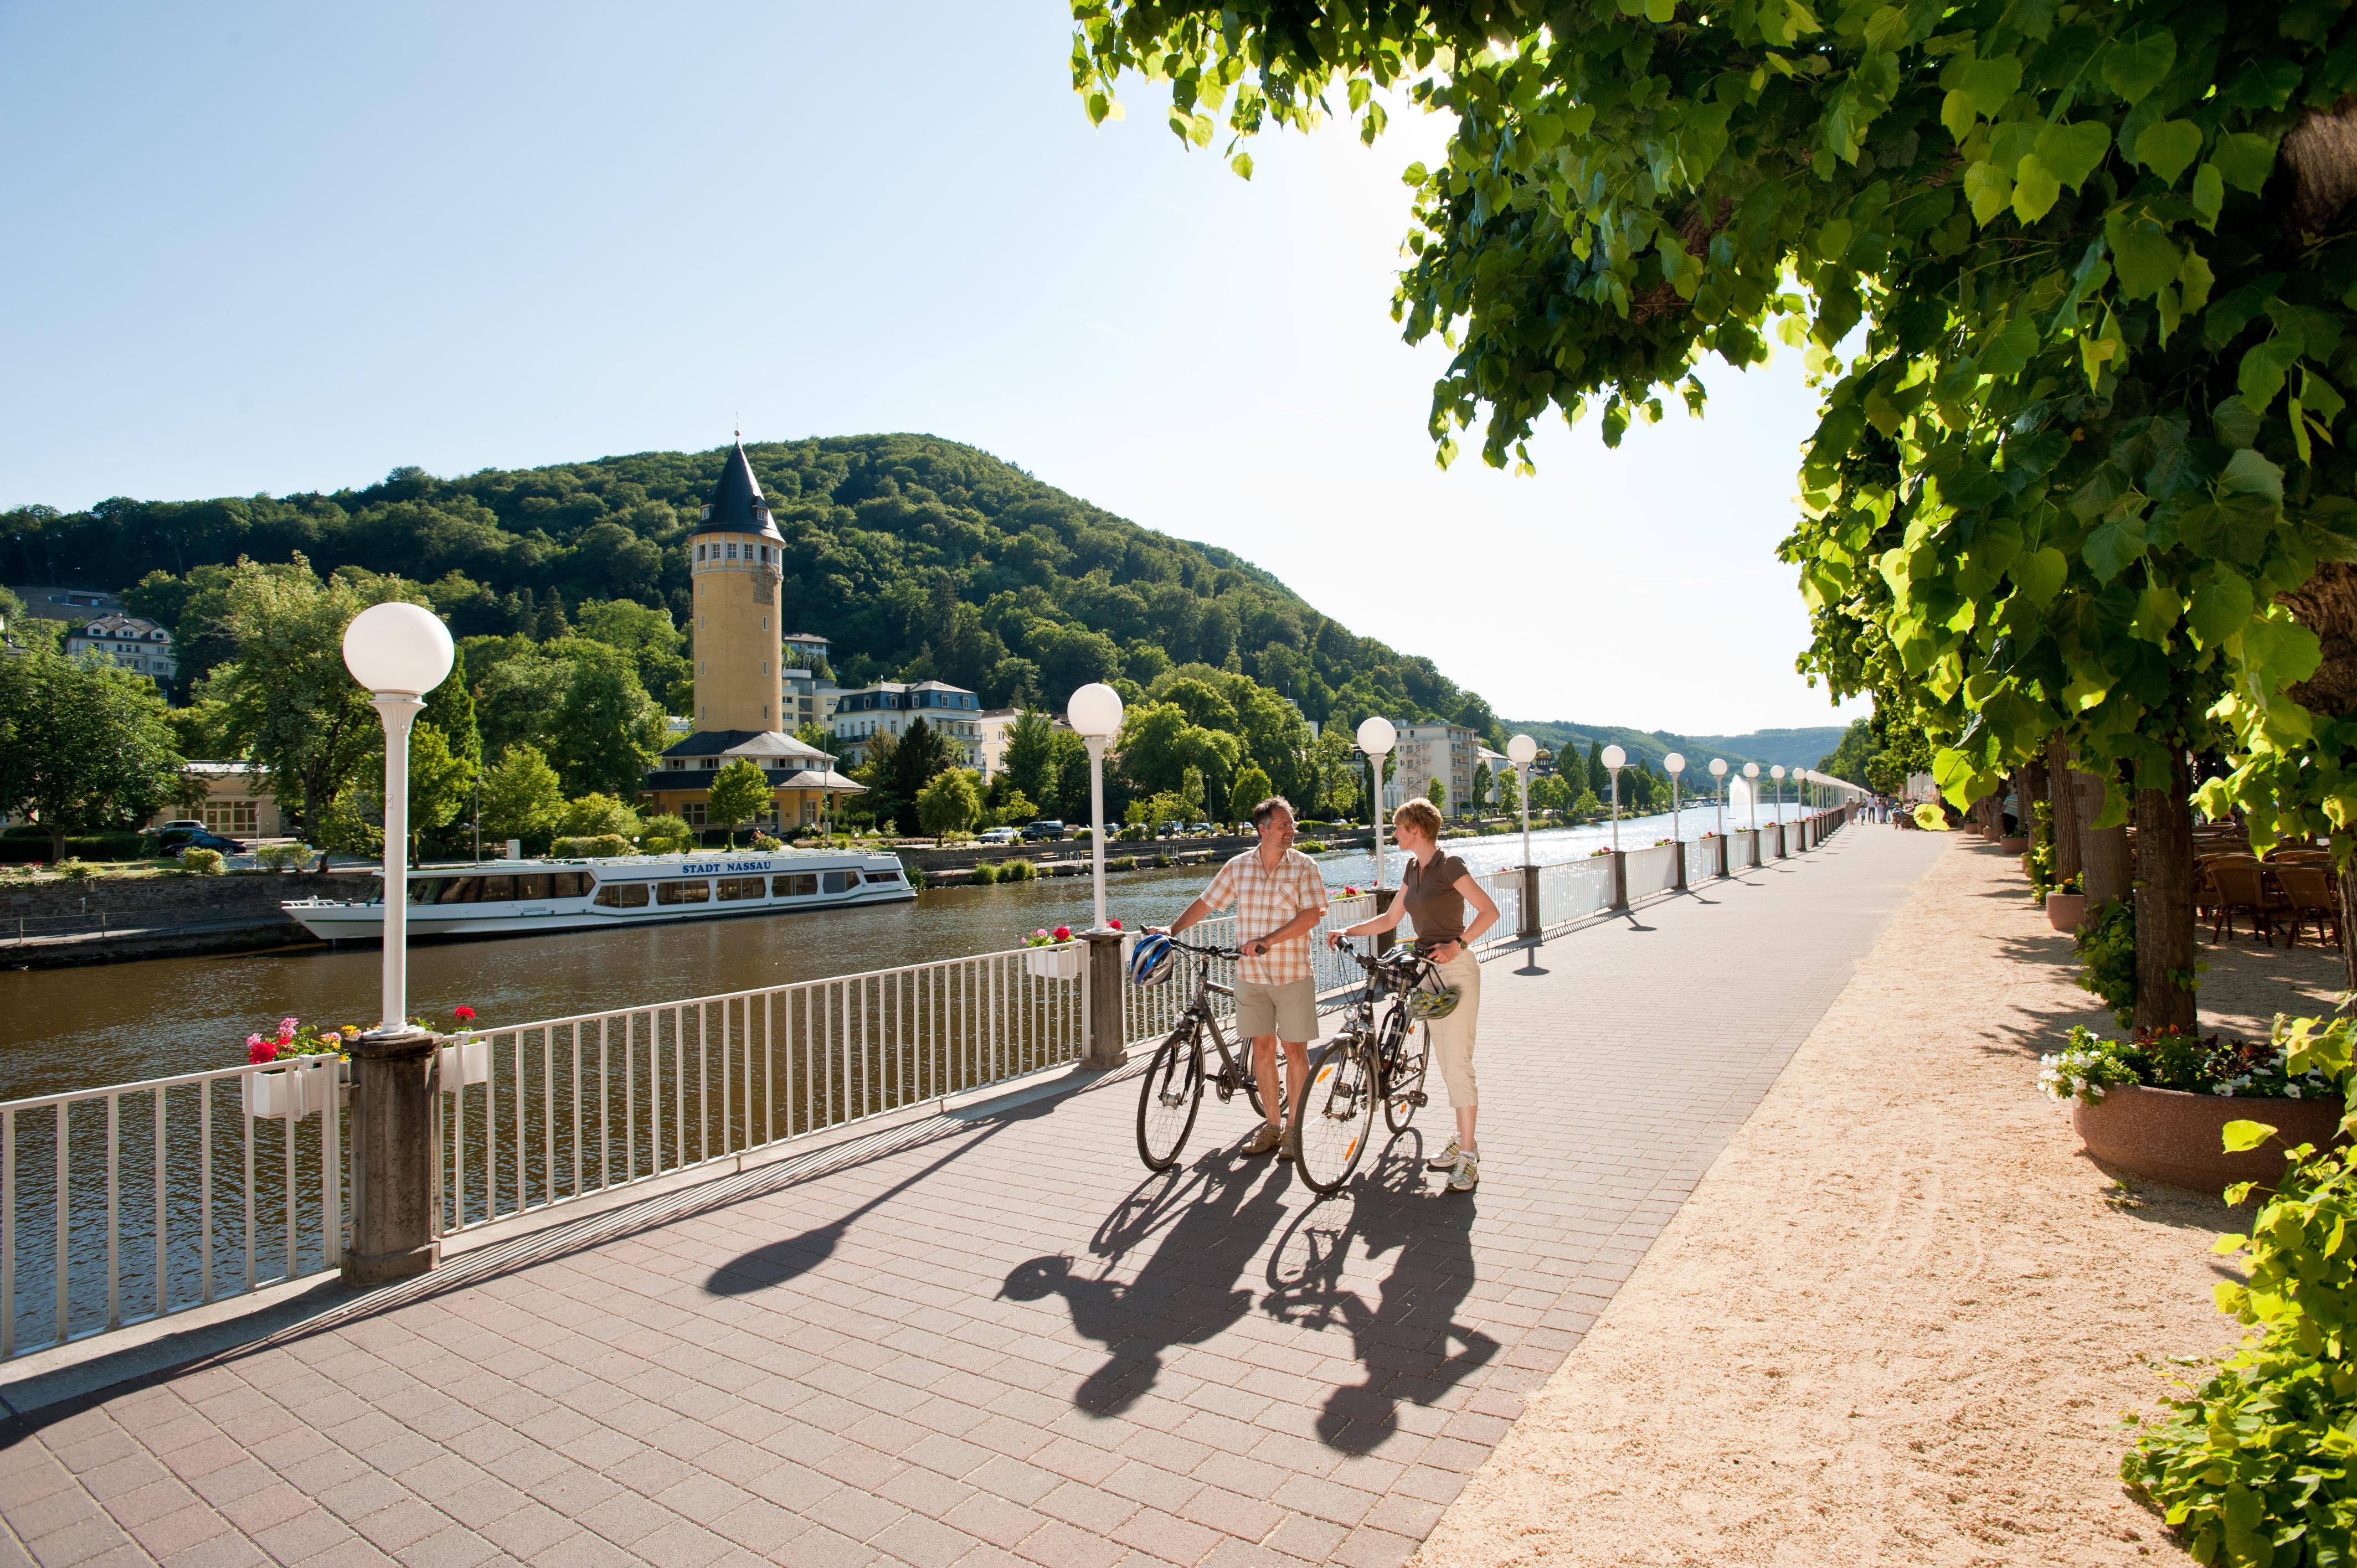 Lahnradweg in Bad Ems